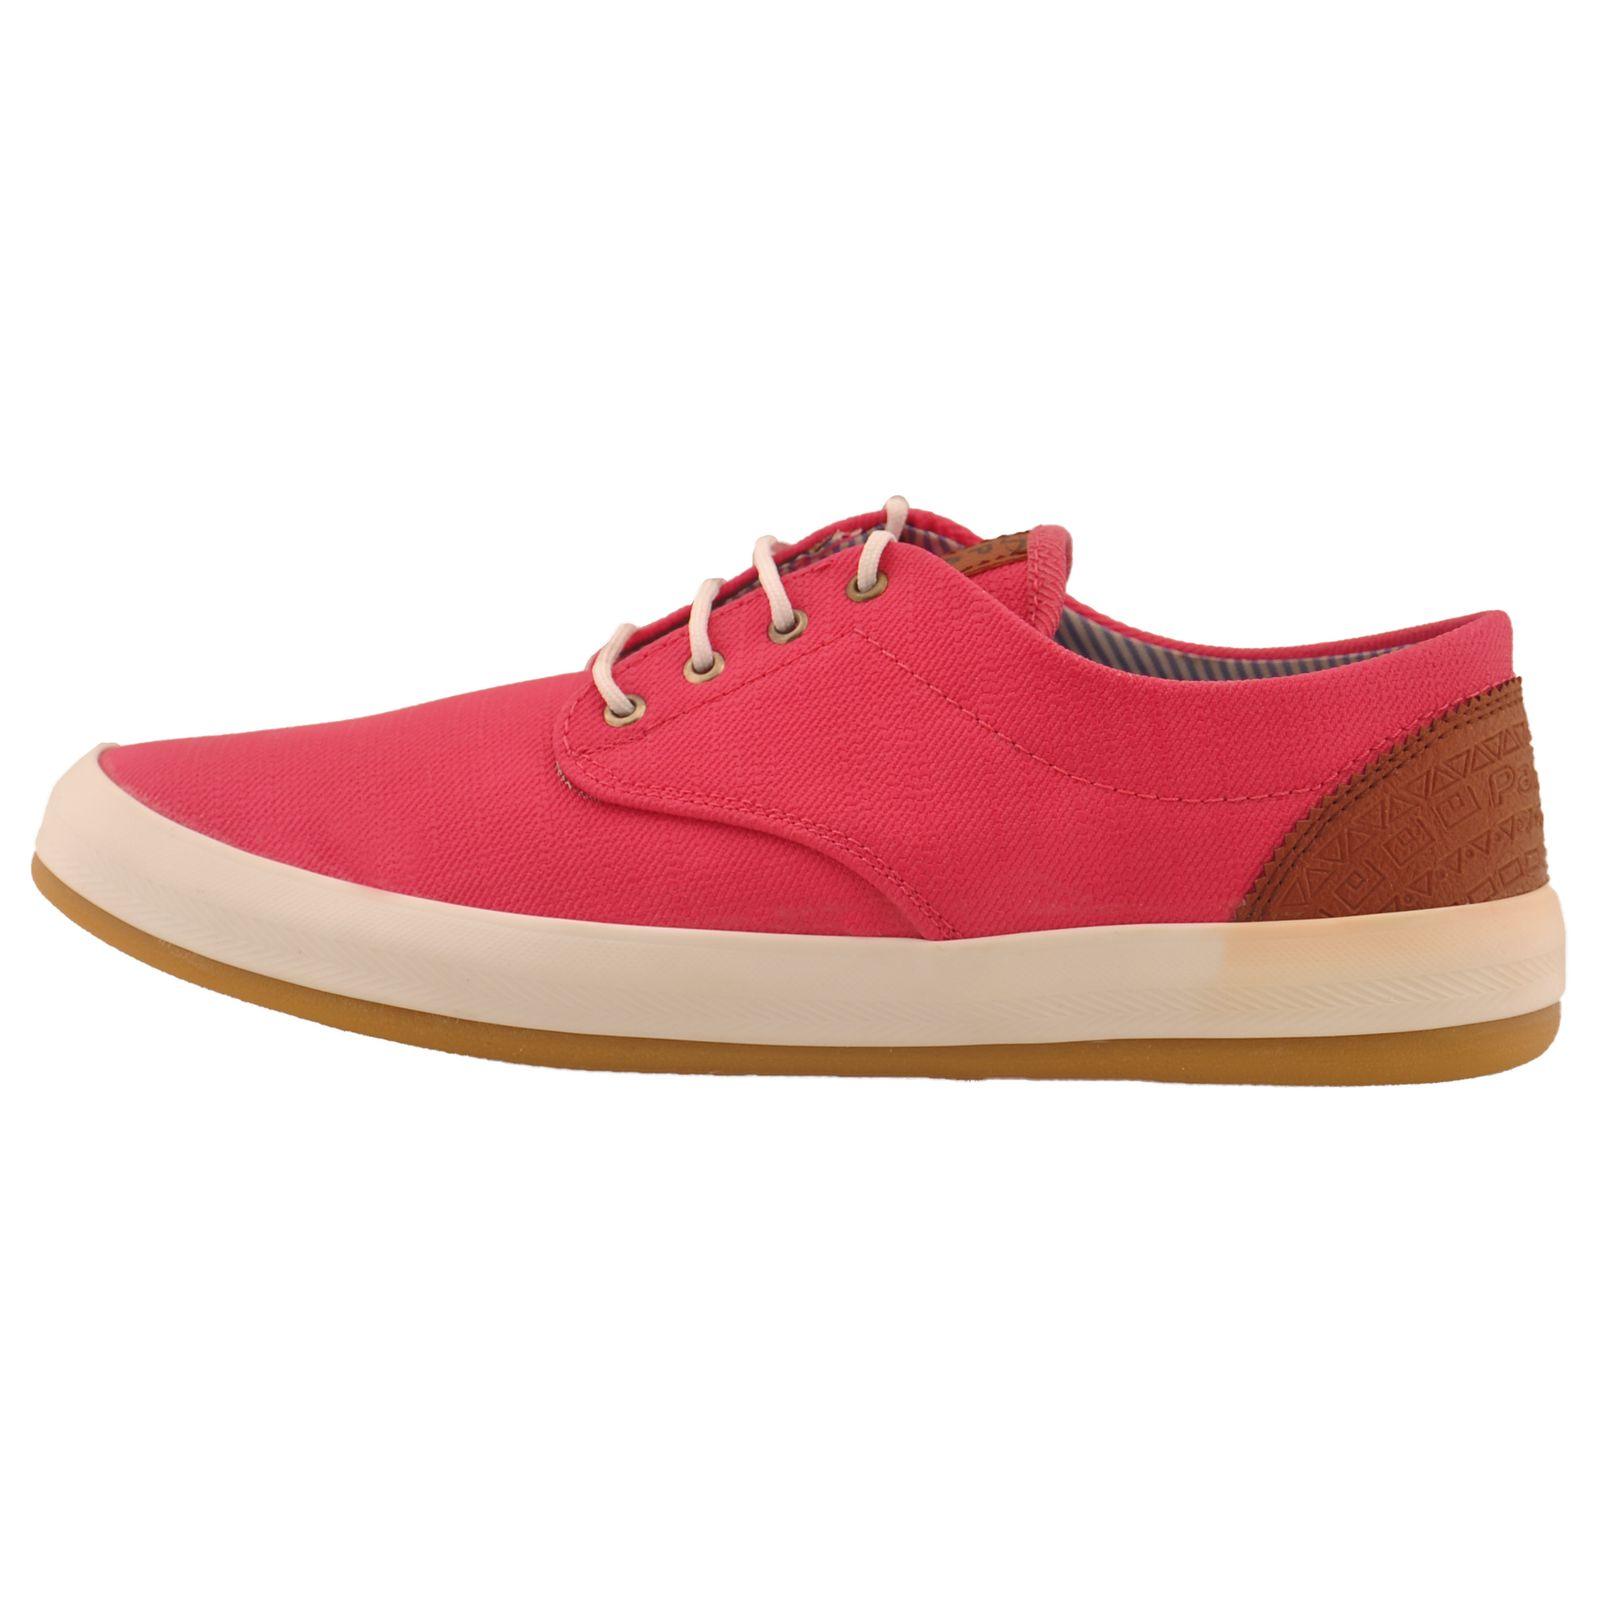 کفش روزمره زنانه کد tr900 main 1 1